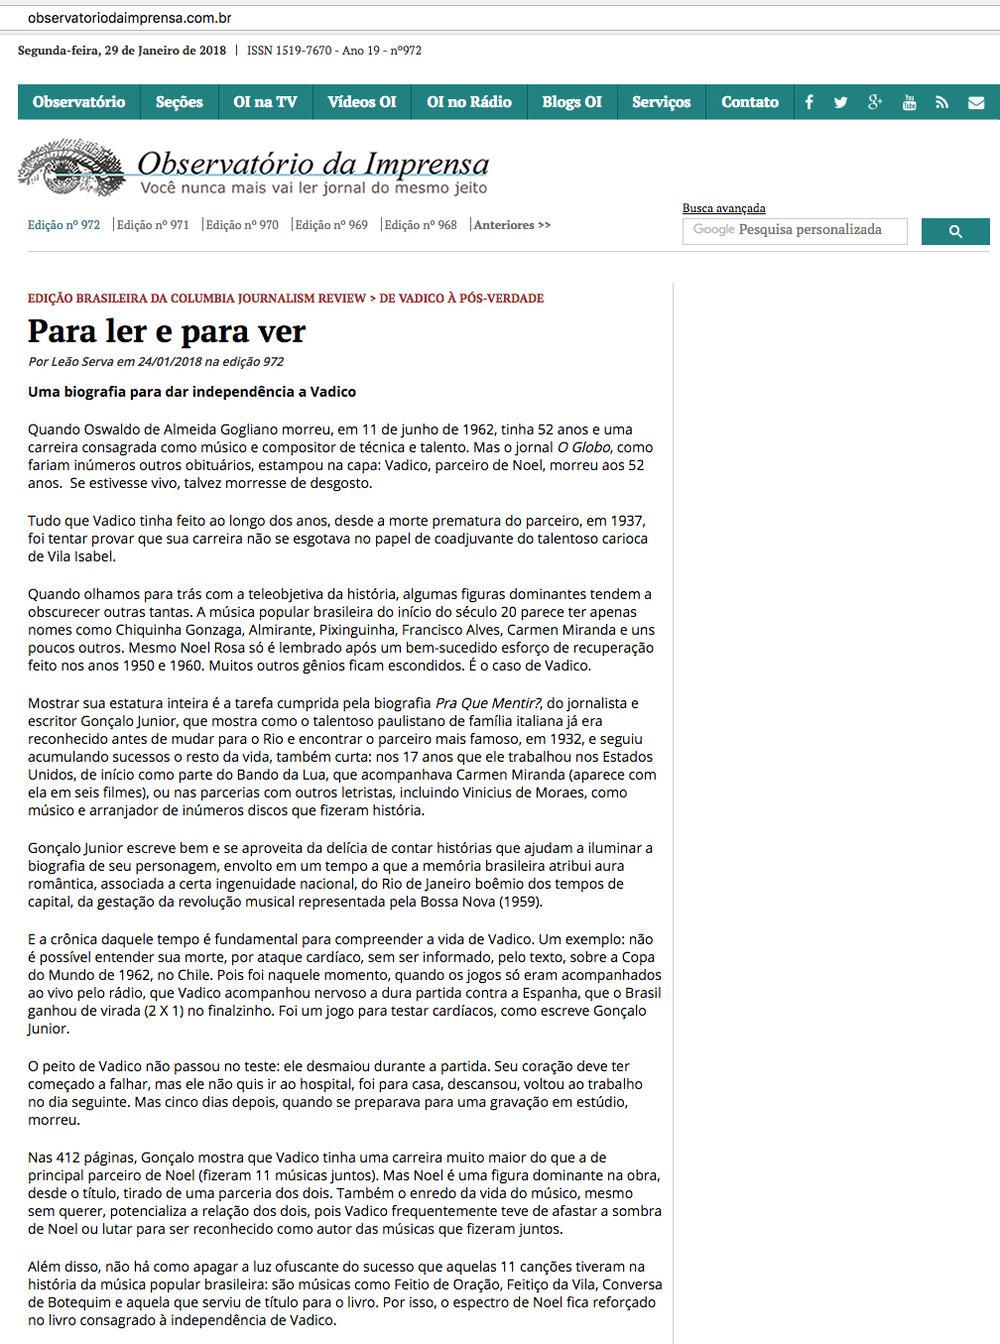 Observatório da Imprensa  São Paulo – 29/1/2018